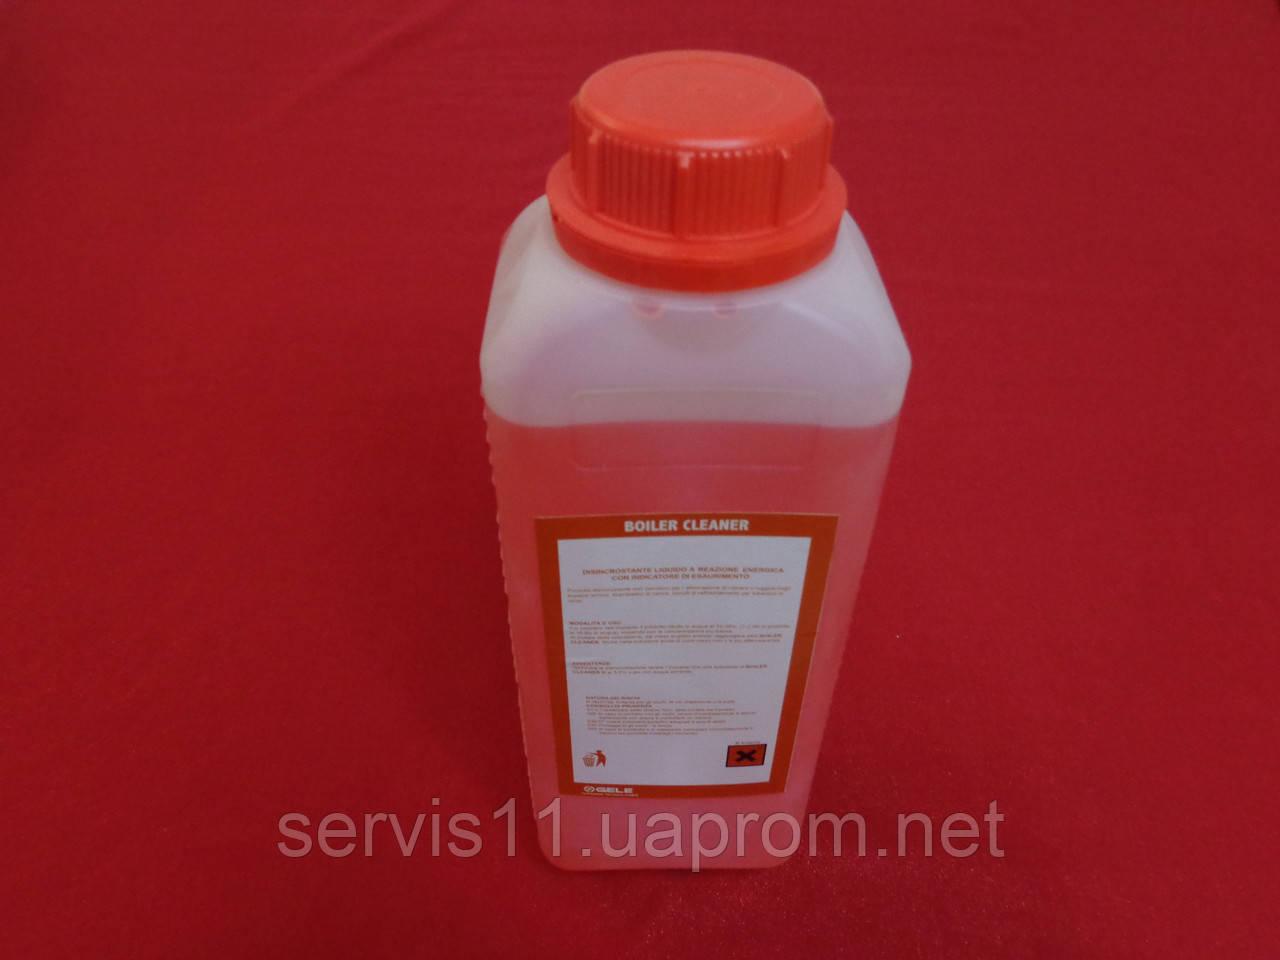 Кислота для промывки теплообменника купить Пластинчатый теплообменник HISAKA RX-50 Петрозаводск